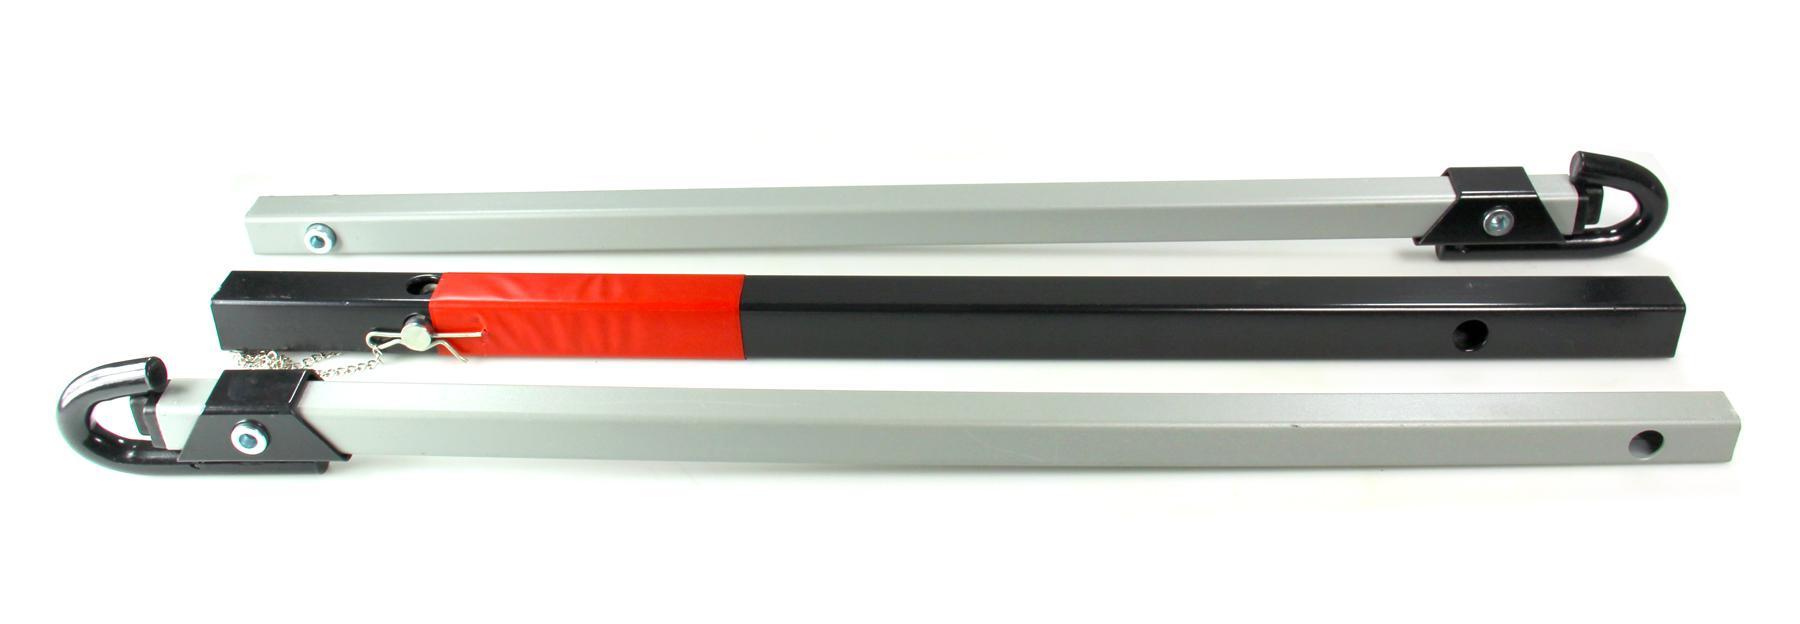 005140 AEG Abschleppseile 005140 günstig kaufen